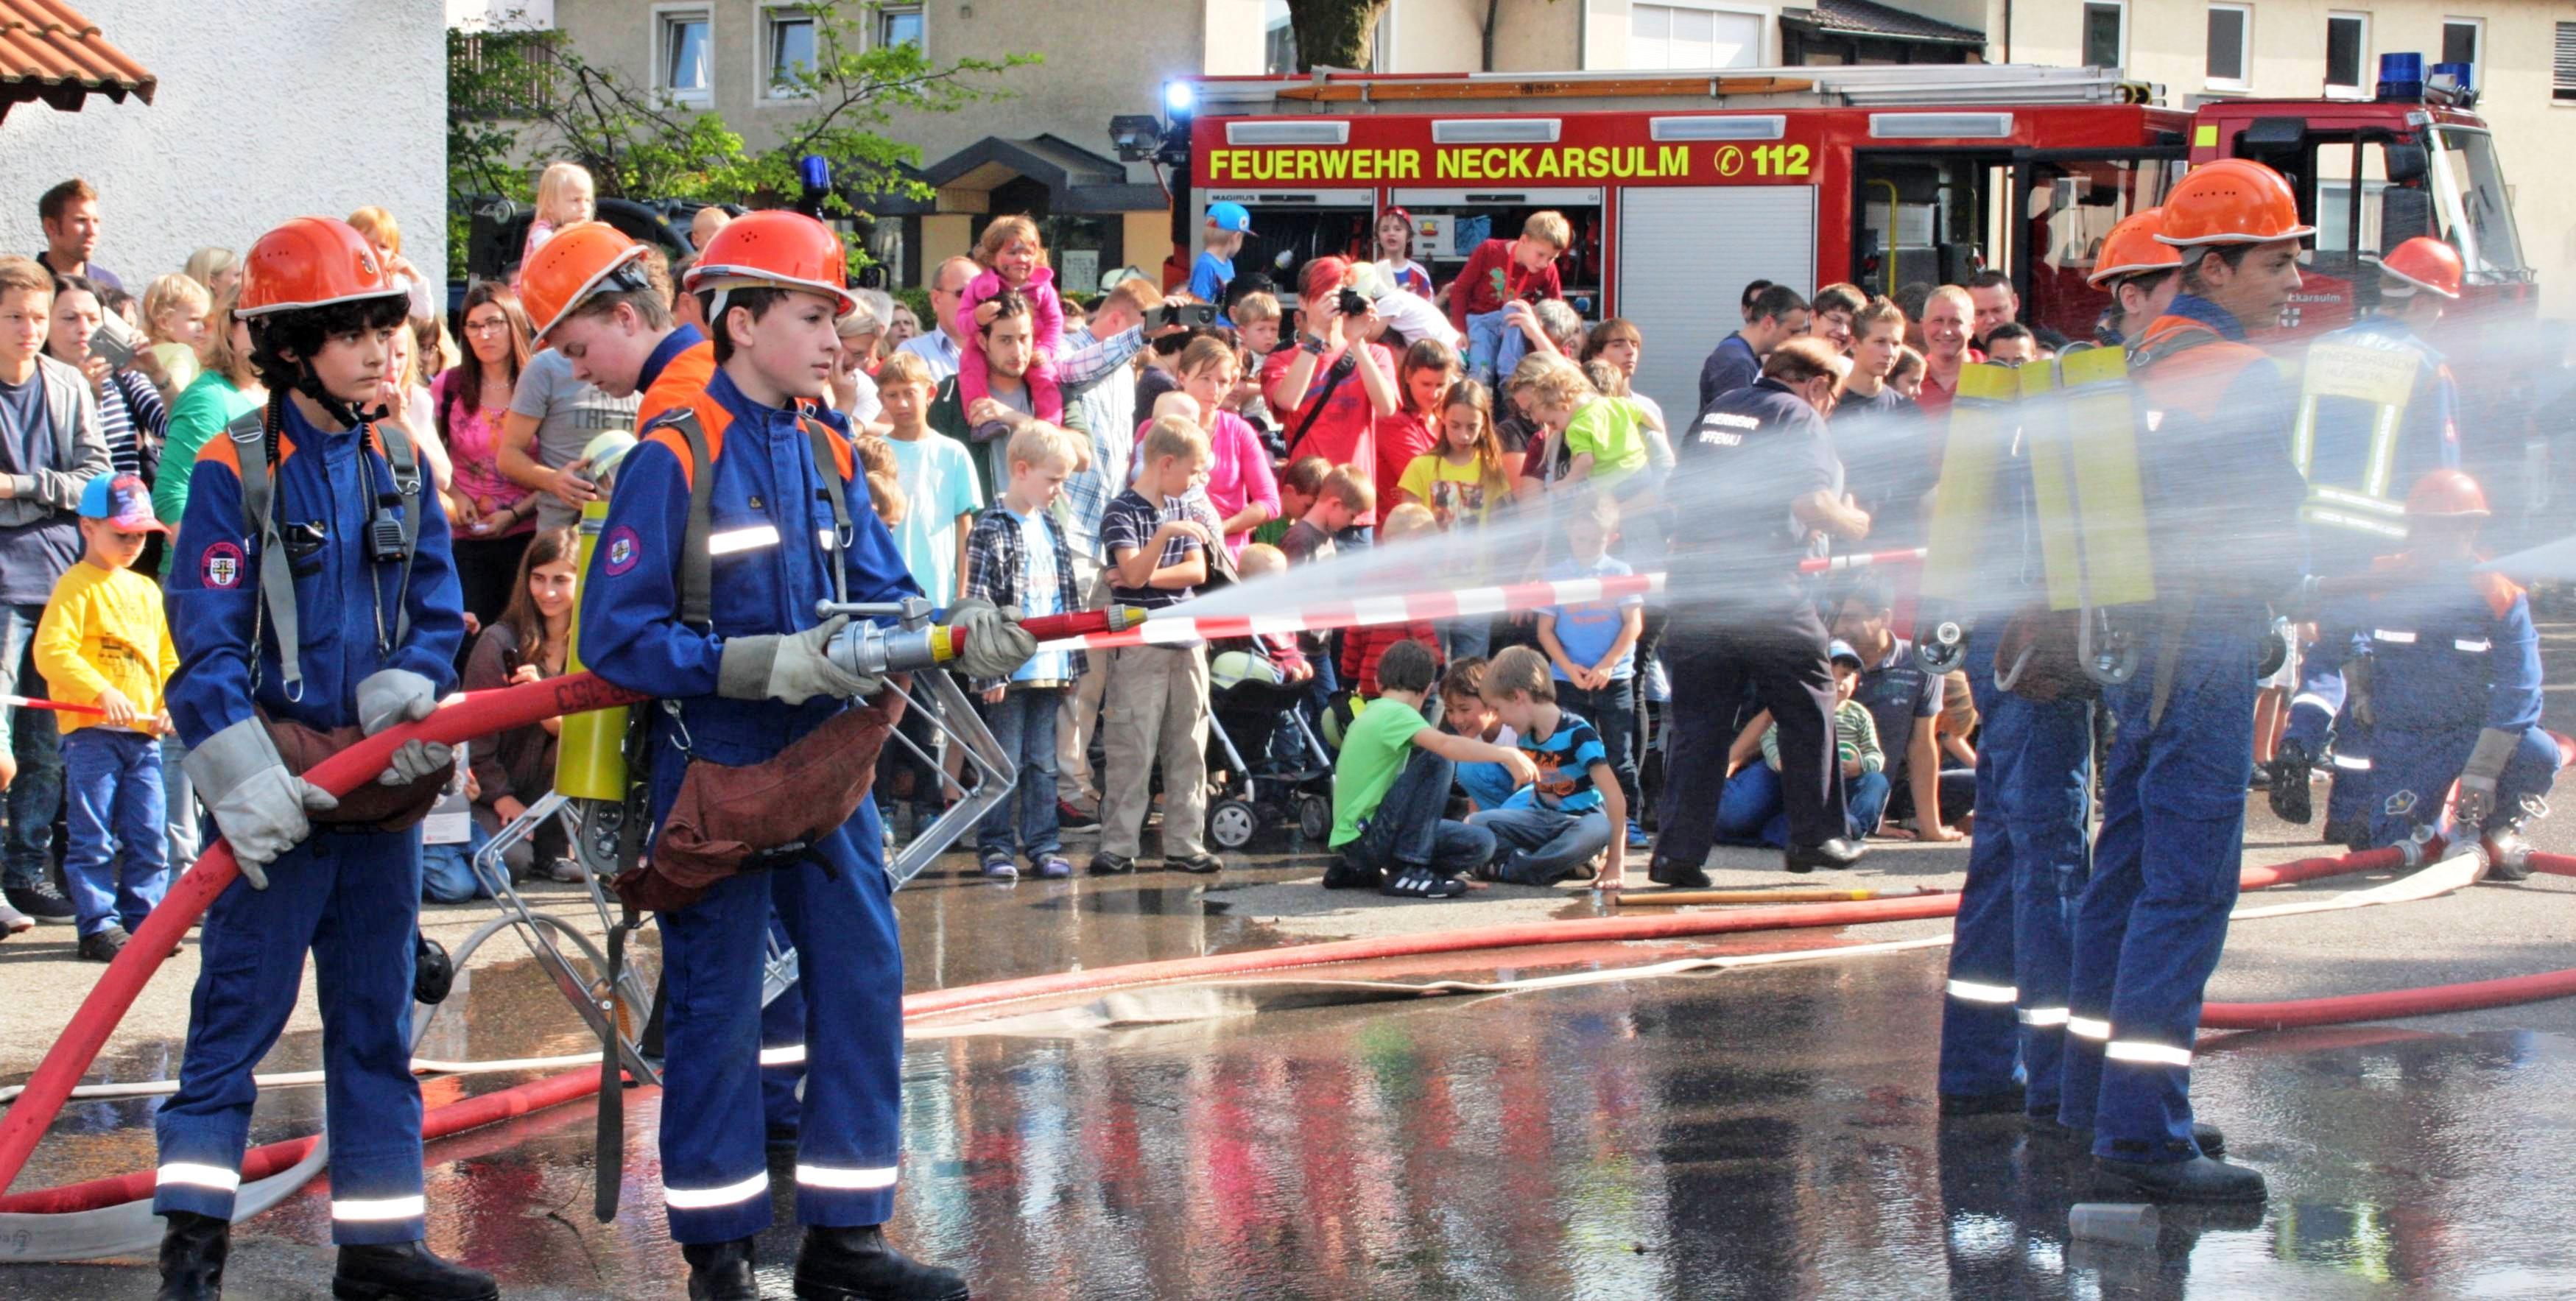 Weil es auch bei der Freiwilligen Feuerwehr immer schwerer wird, ehrenamtlichen Nachwuchs zu finden, werden die Jugendabteilungen Neckarsulm/Dahenfeld und Obereisesheim zusammengelegt. Foto: Archiv/Plückthun